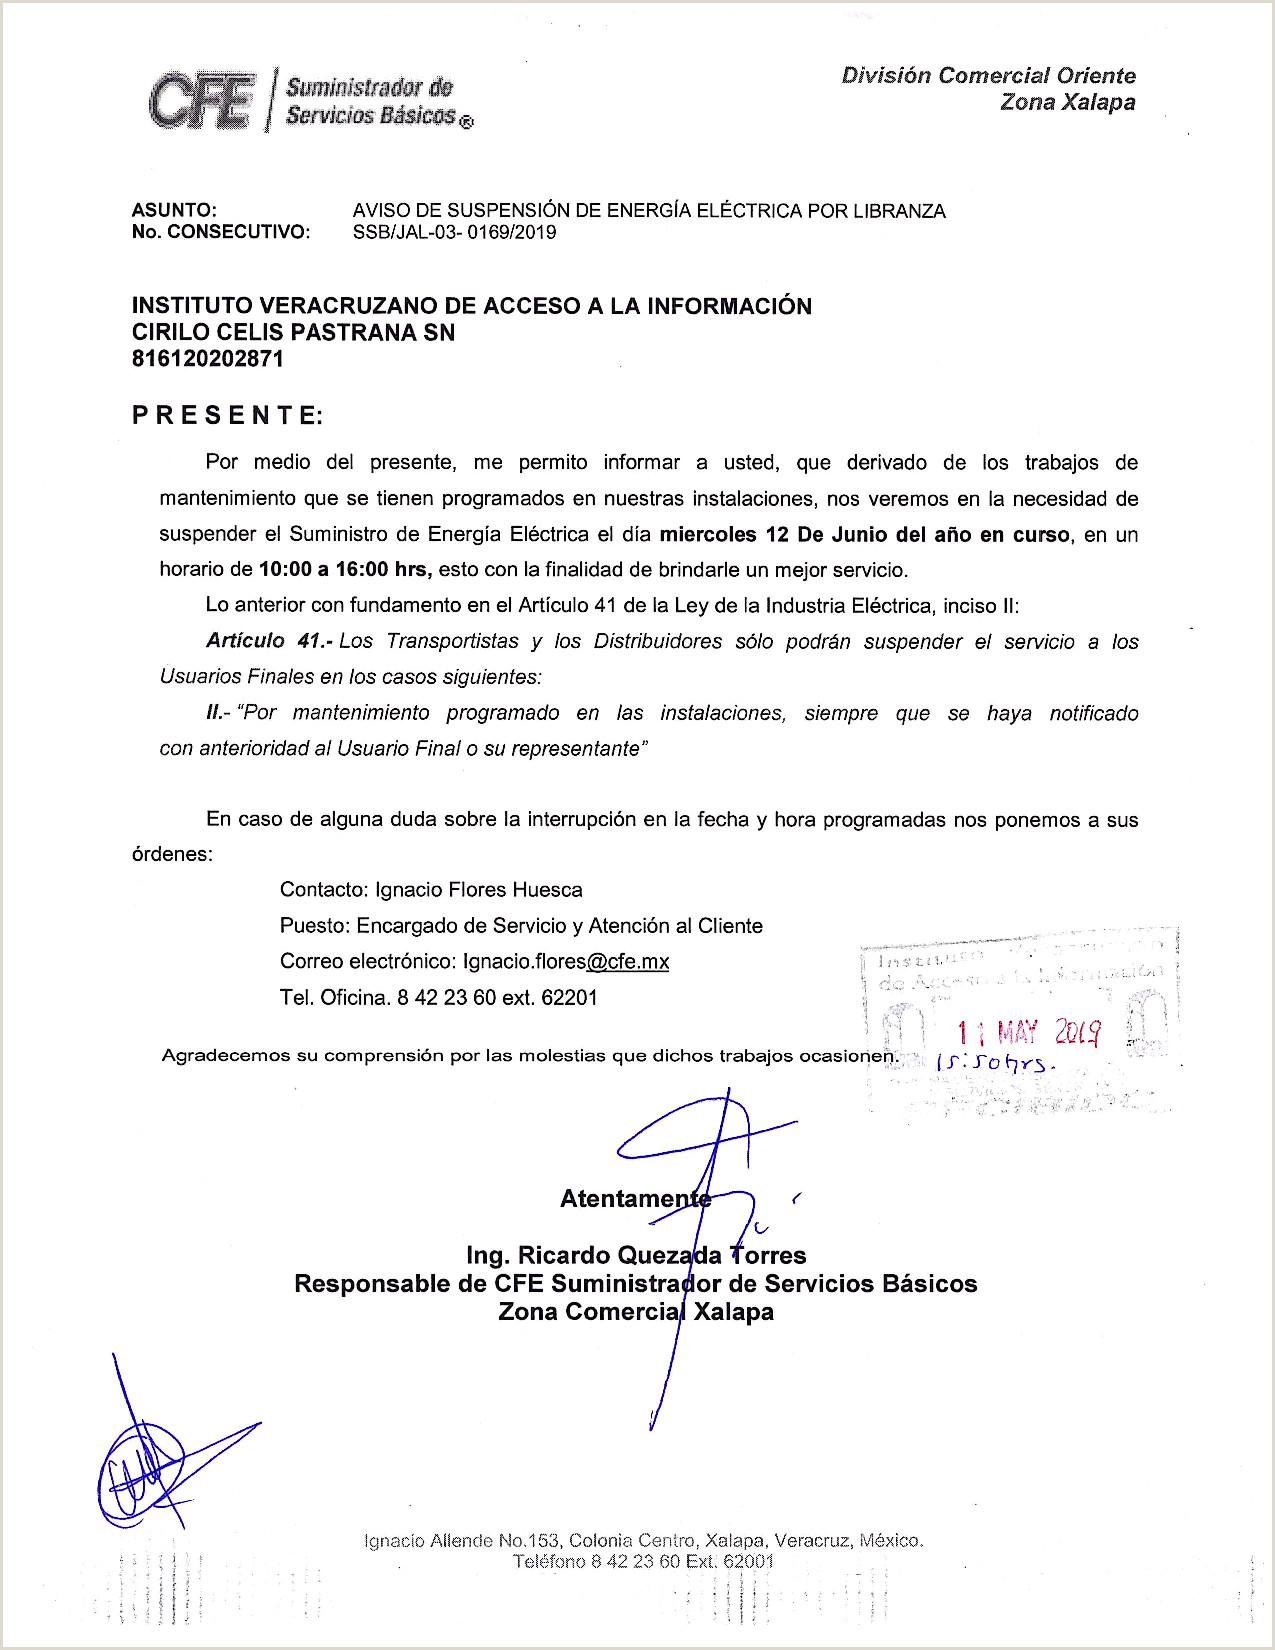 Formato Hoja De Vida Ingeniero Electronico Instituto Veracruzano De Acceso A La Informaci³n Y De